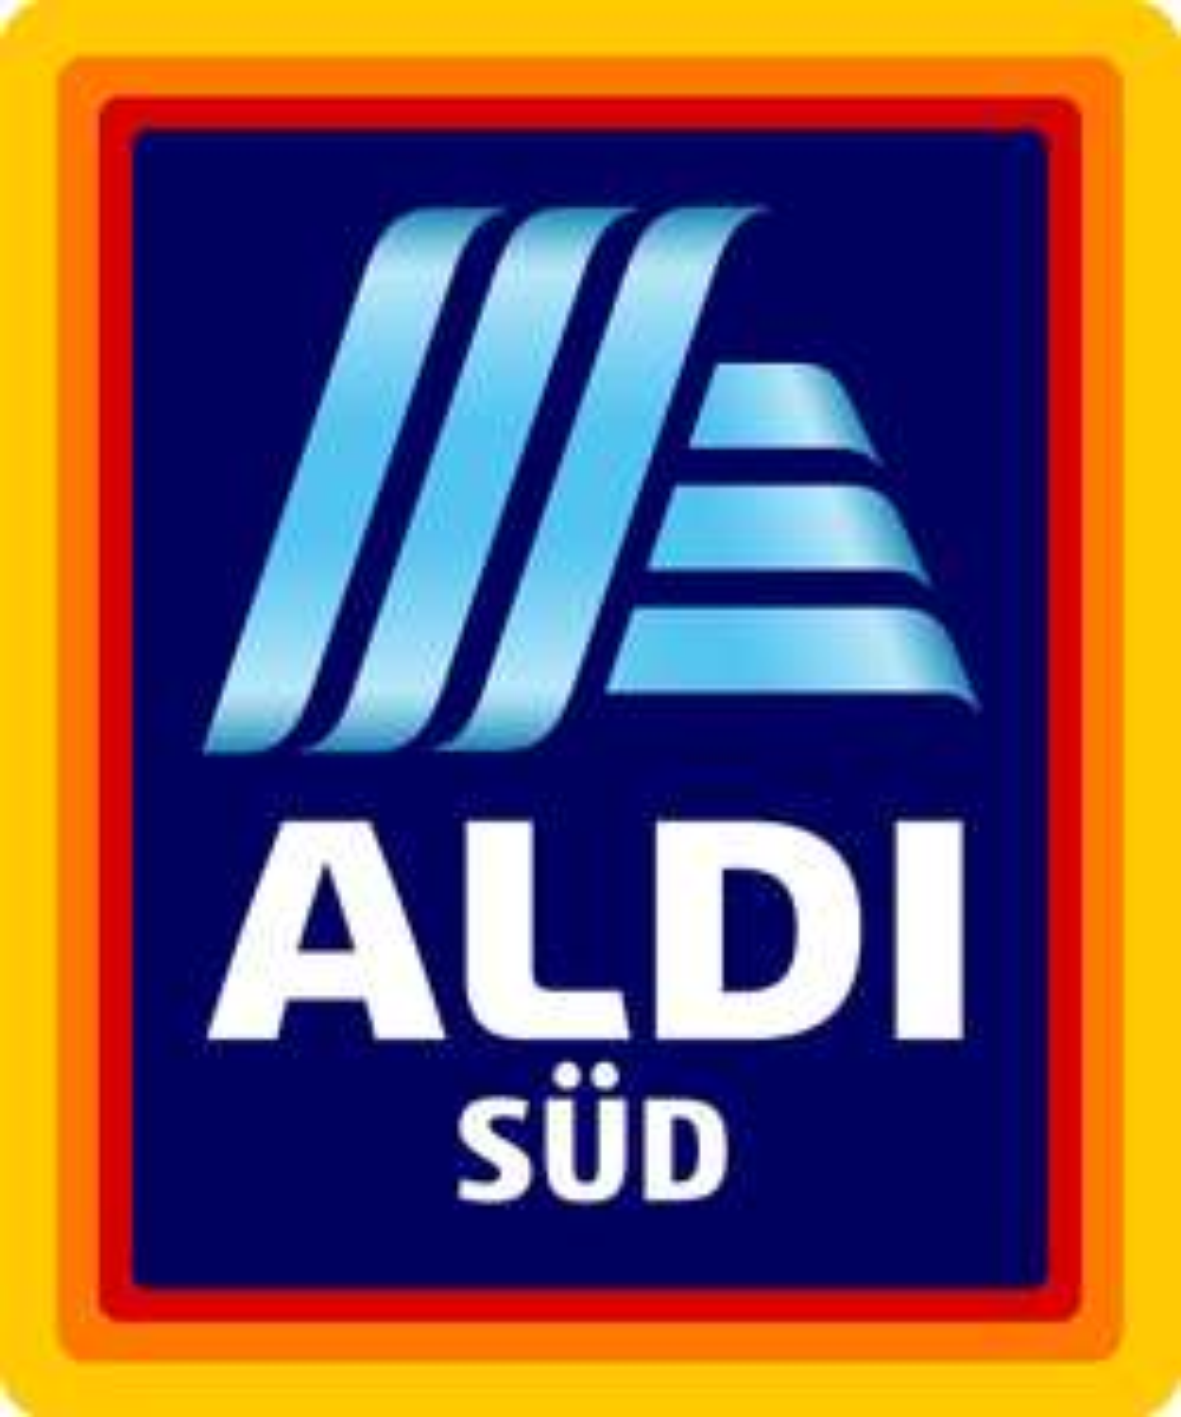 [Aldi Süd in Lauffen] Große Wiedereröffnung am 01.12.2017 nach Umbau (5€ Gutschein ab 40€ Einkaufswert, gratis Stofftasche uvm.)